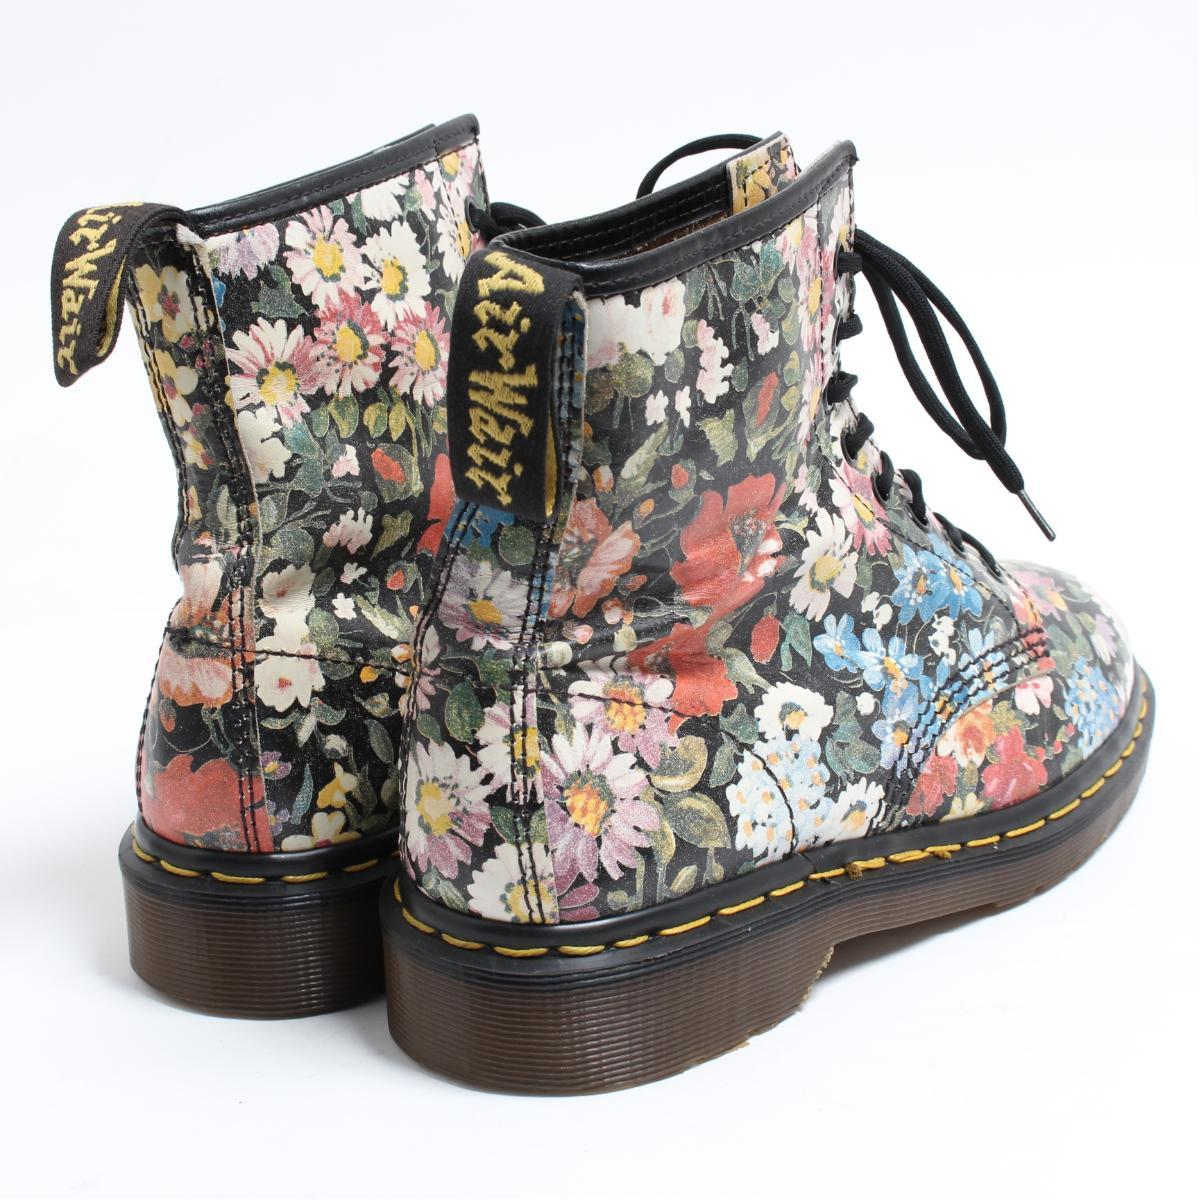 UK7 men 25.5cm /bom6107 made in the doctor Martin Dr.Martens 8 hall boots floral design U.K.